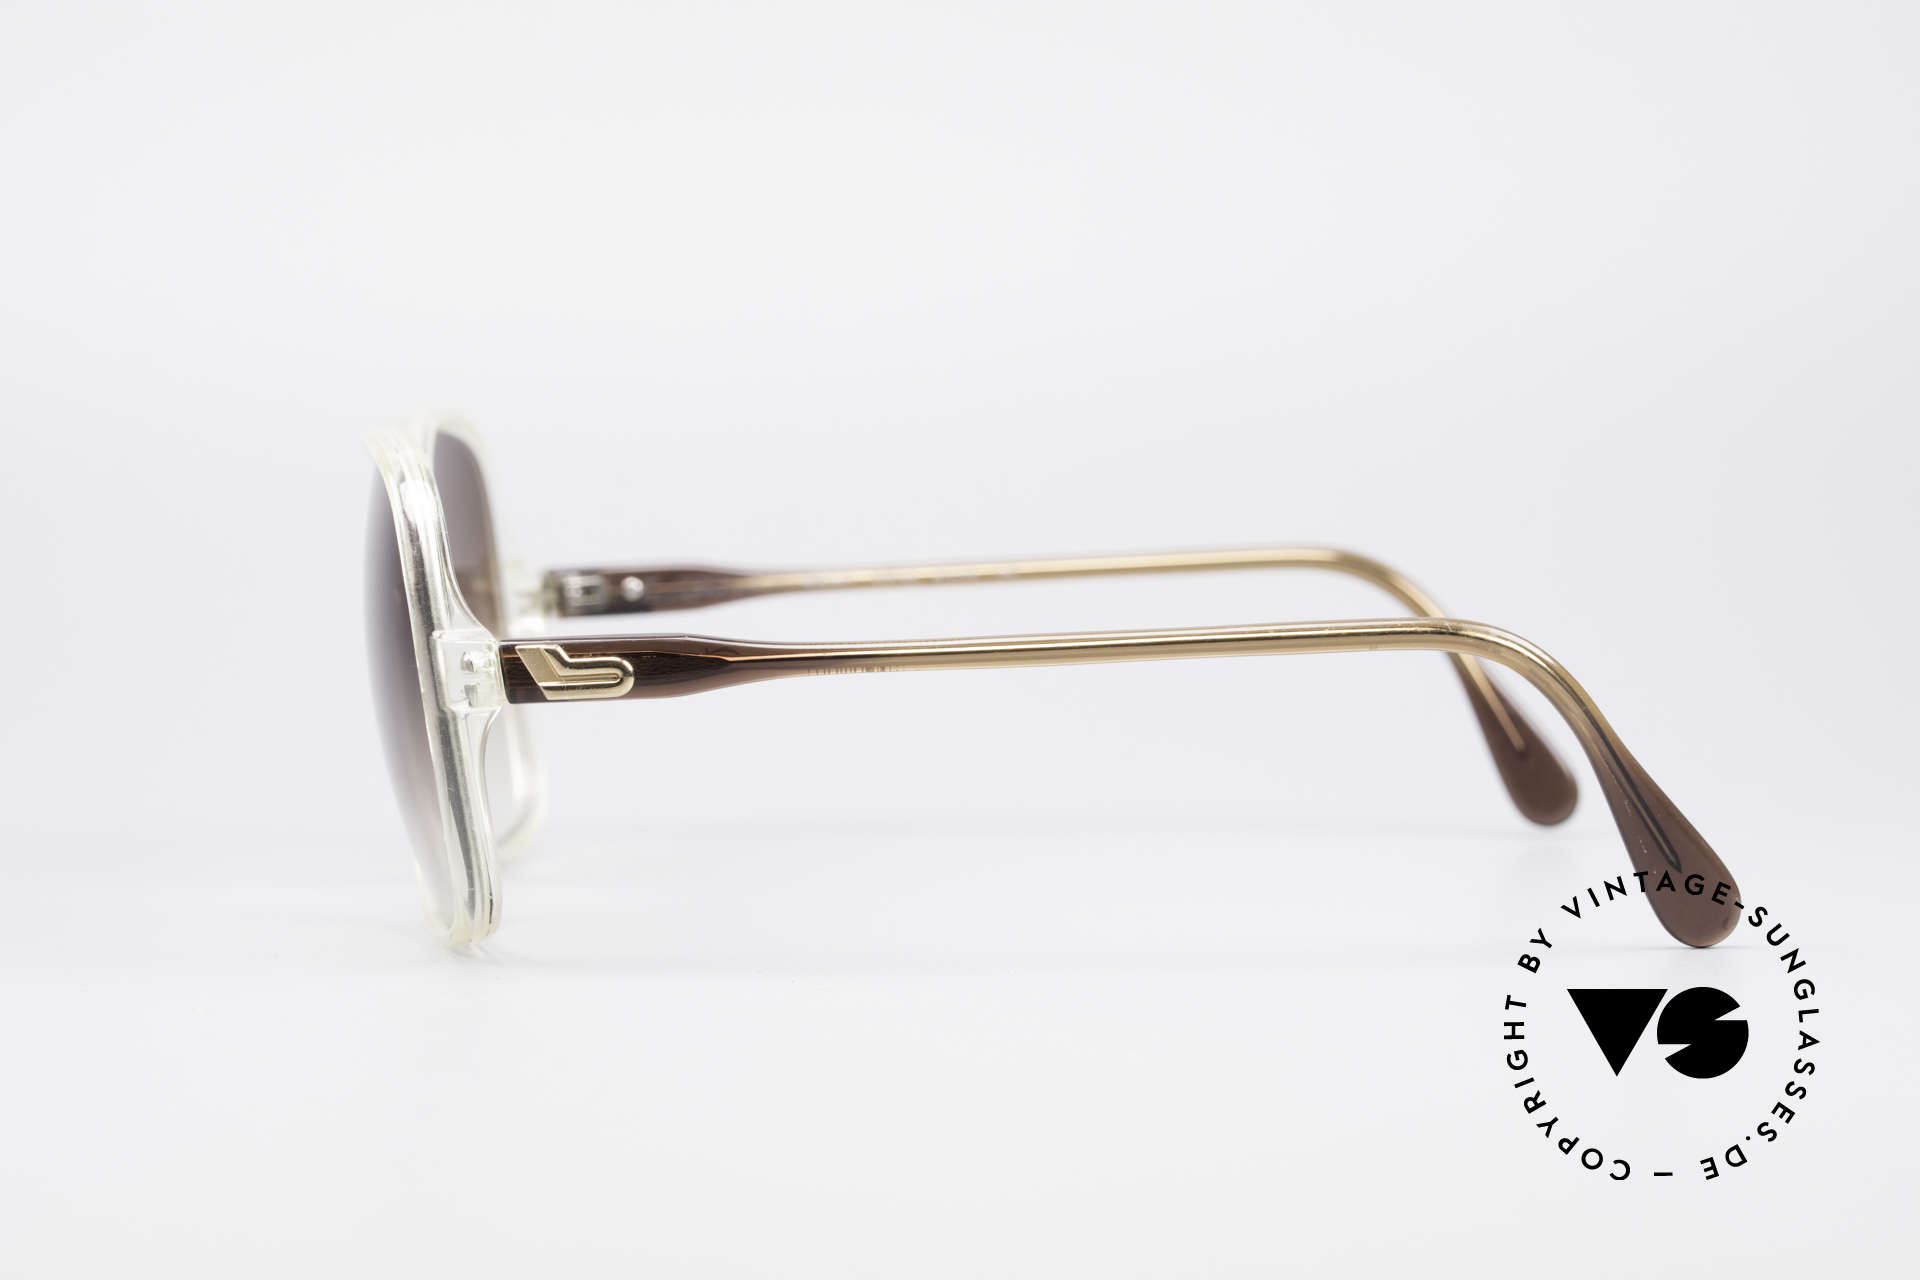 Cazal 621 West Germany Sonnenbrille, Größe: medium, Passend für Herren